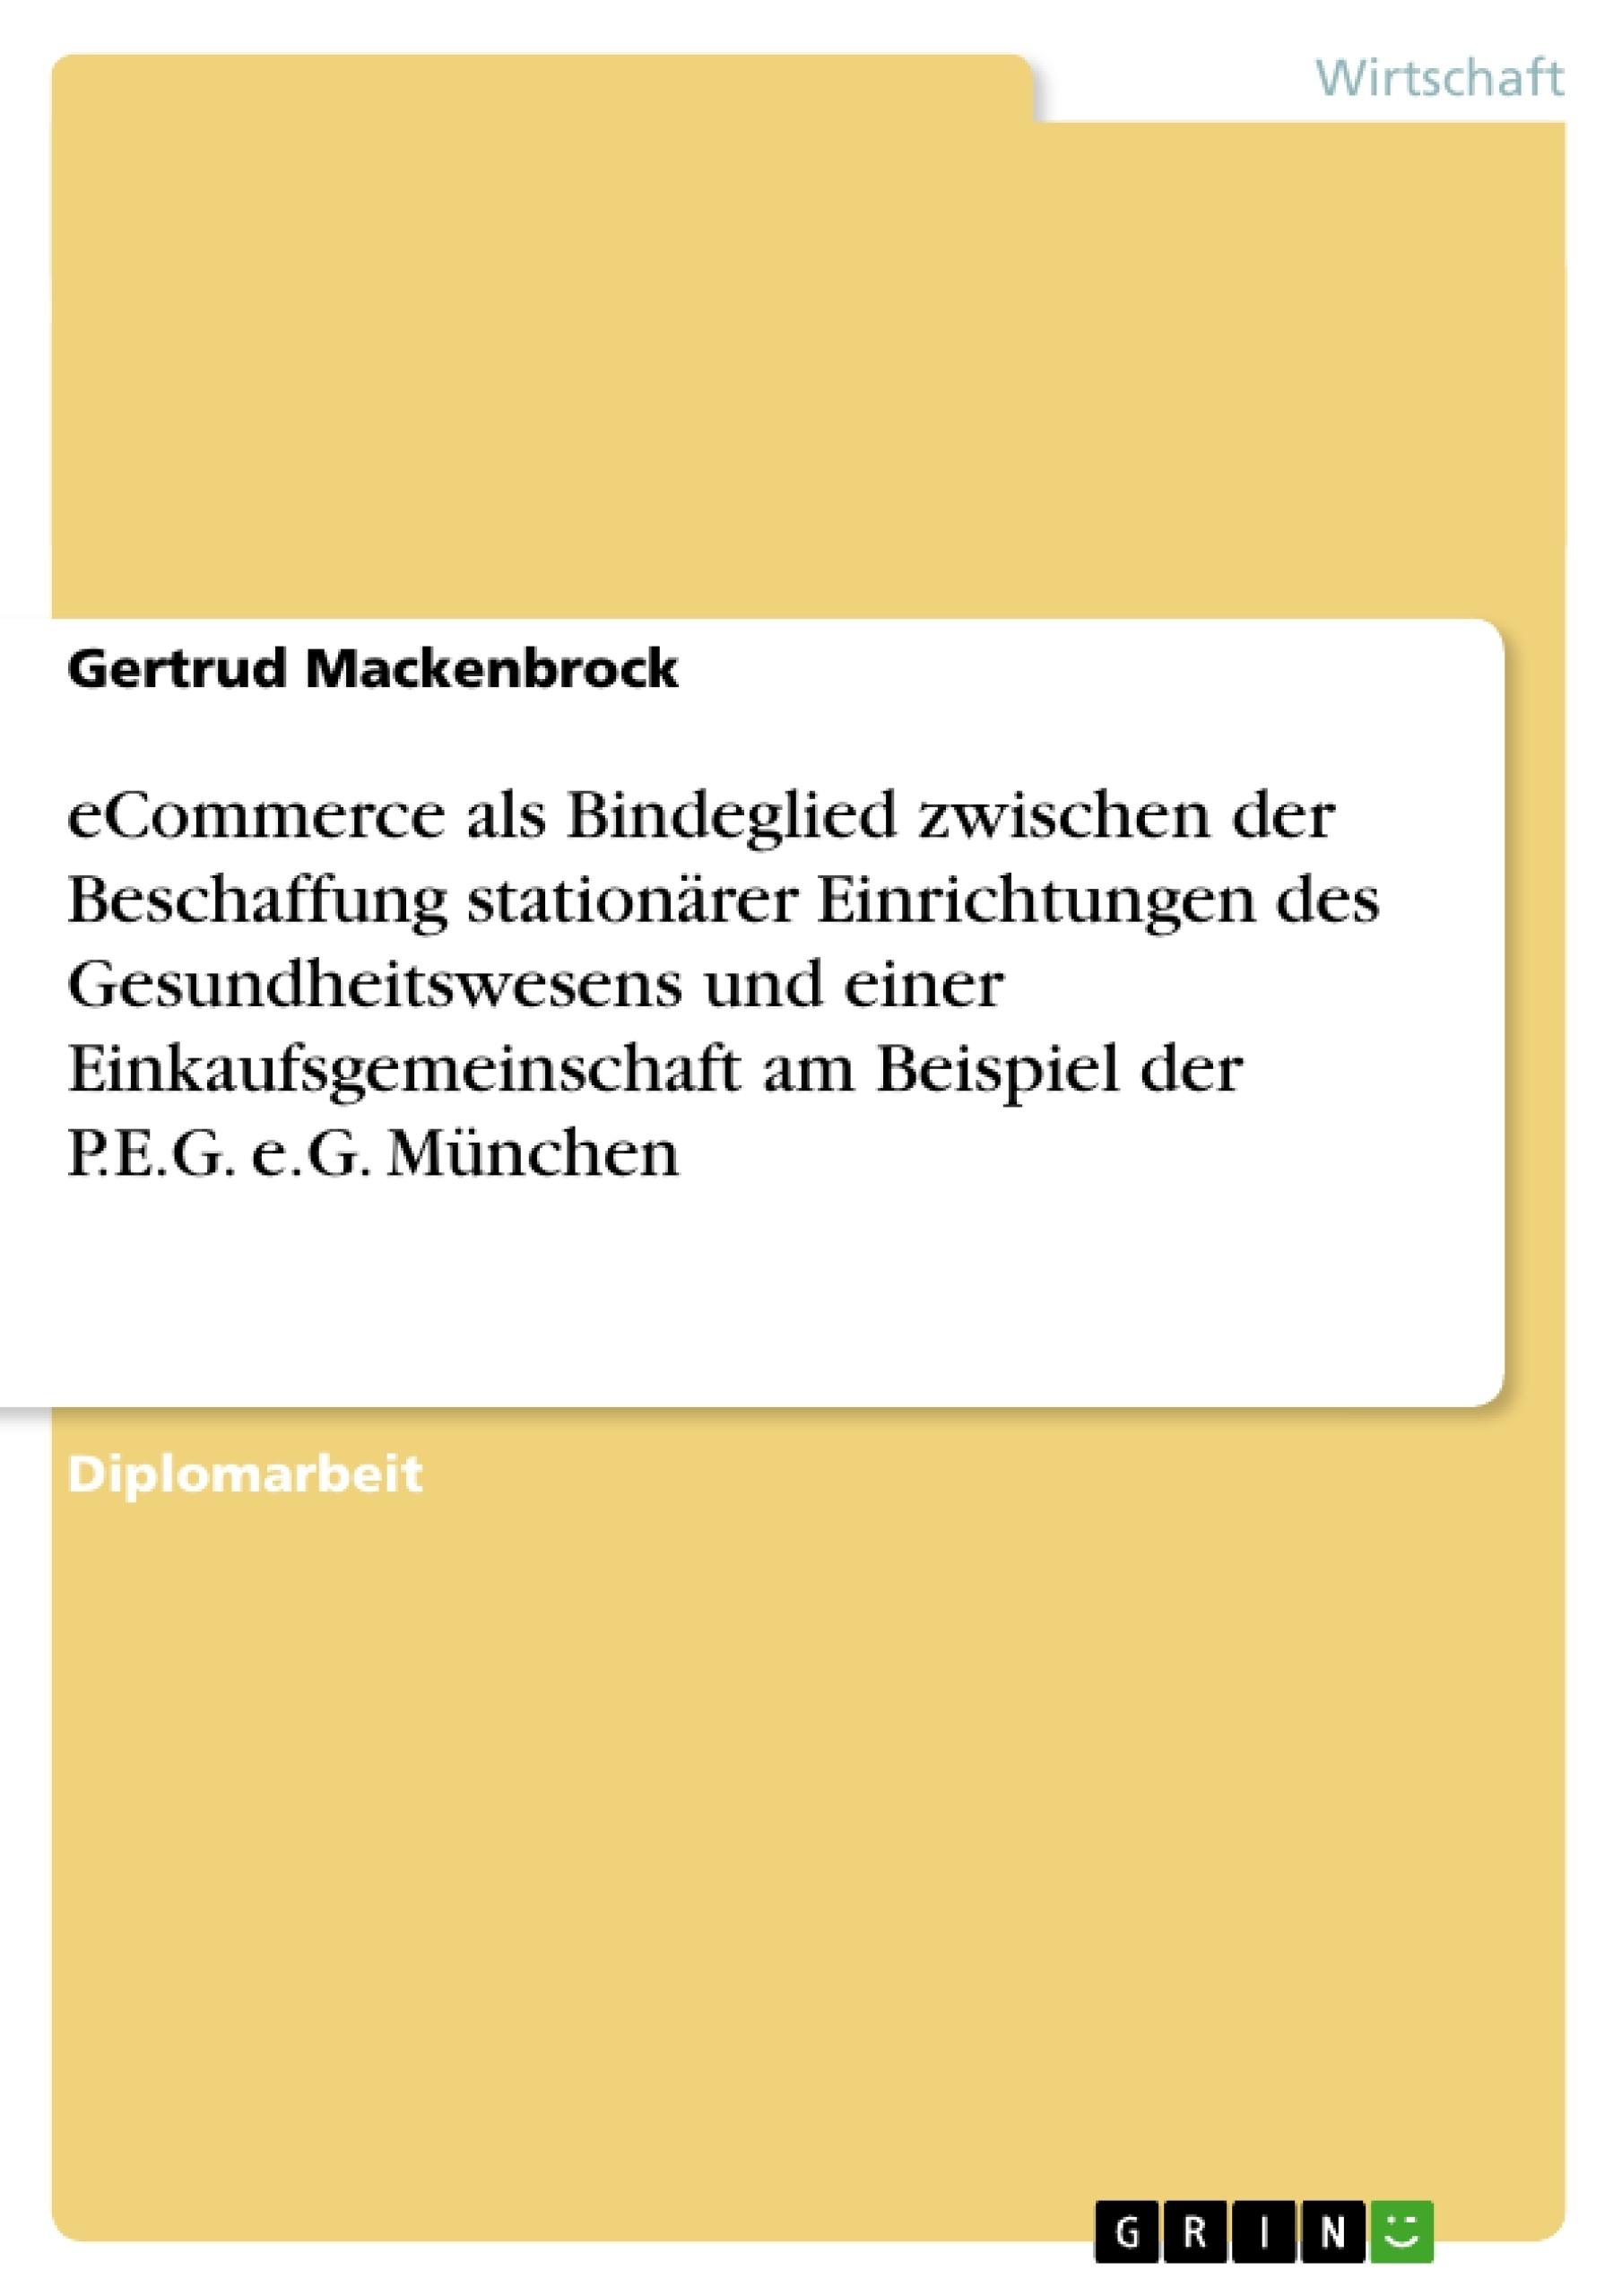 Titel: eCommerce als Bindeglied zwischen der Beschaffung stationärer Einrichtungen des Gesundheitswesens und einer Einkaufsgemeinschaft am Beispiel der P.E.G. e.G. München